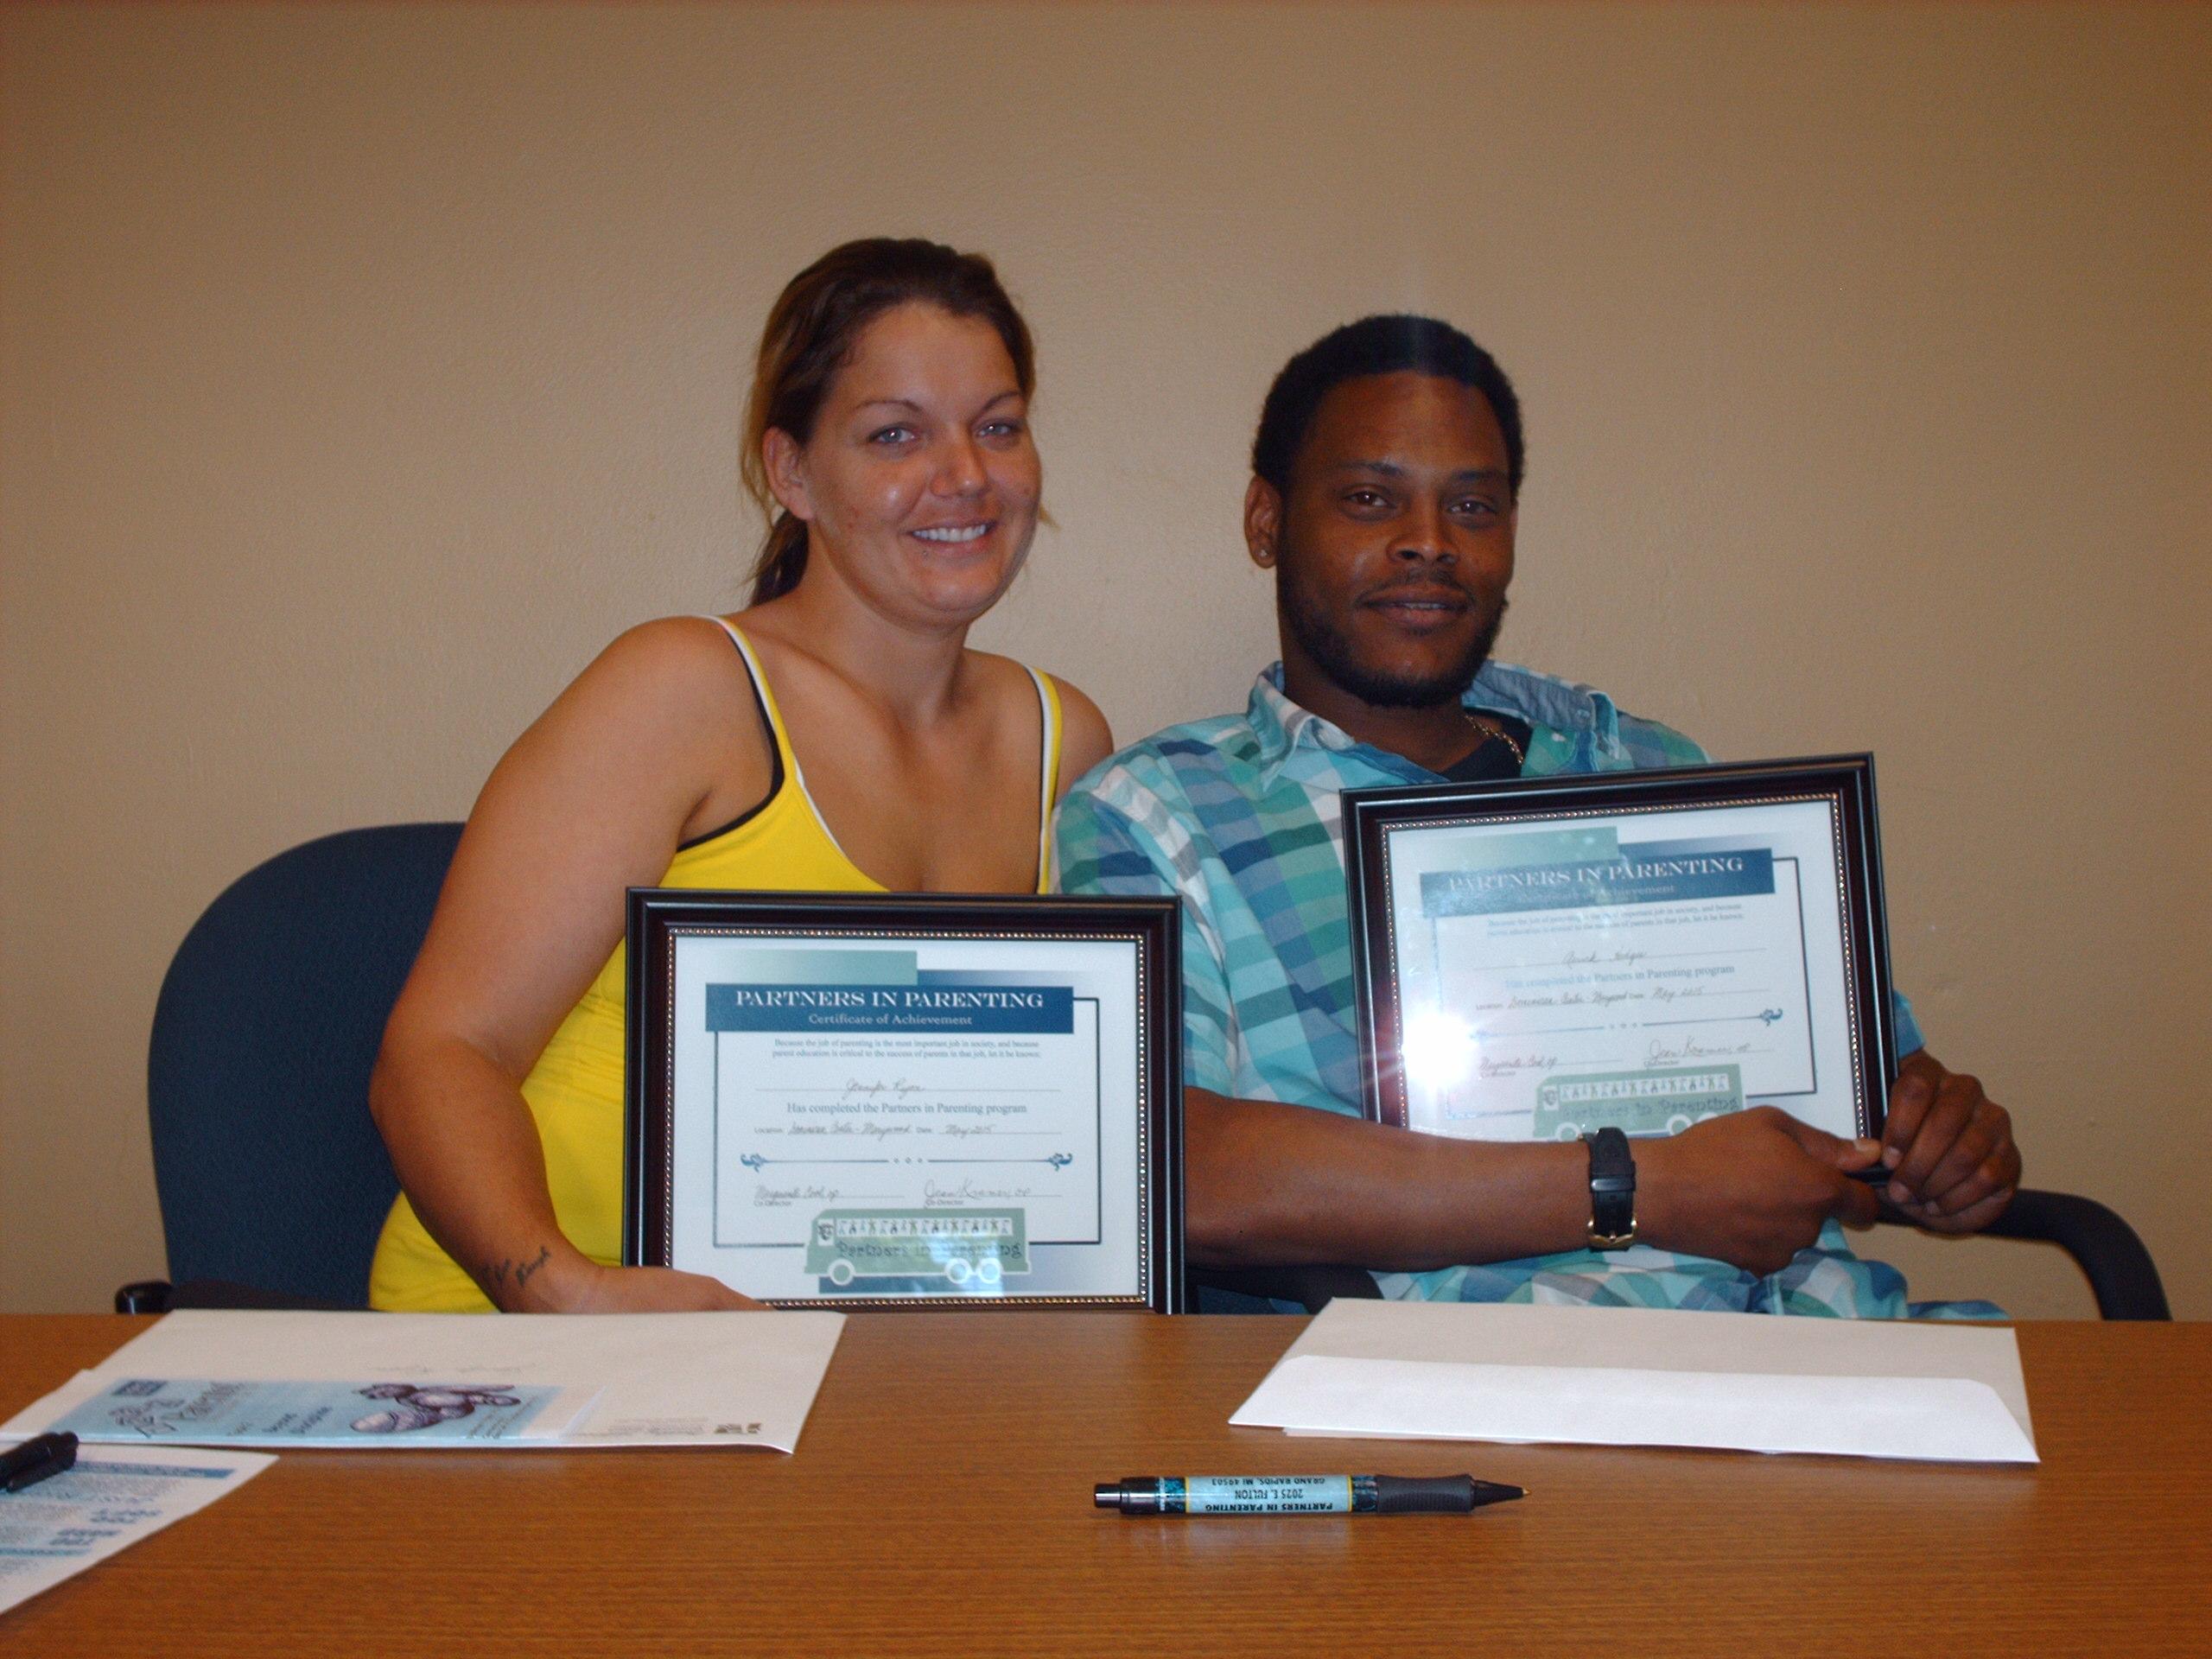 Partners in Parenting Graduates